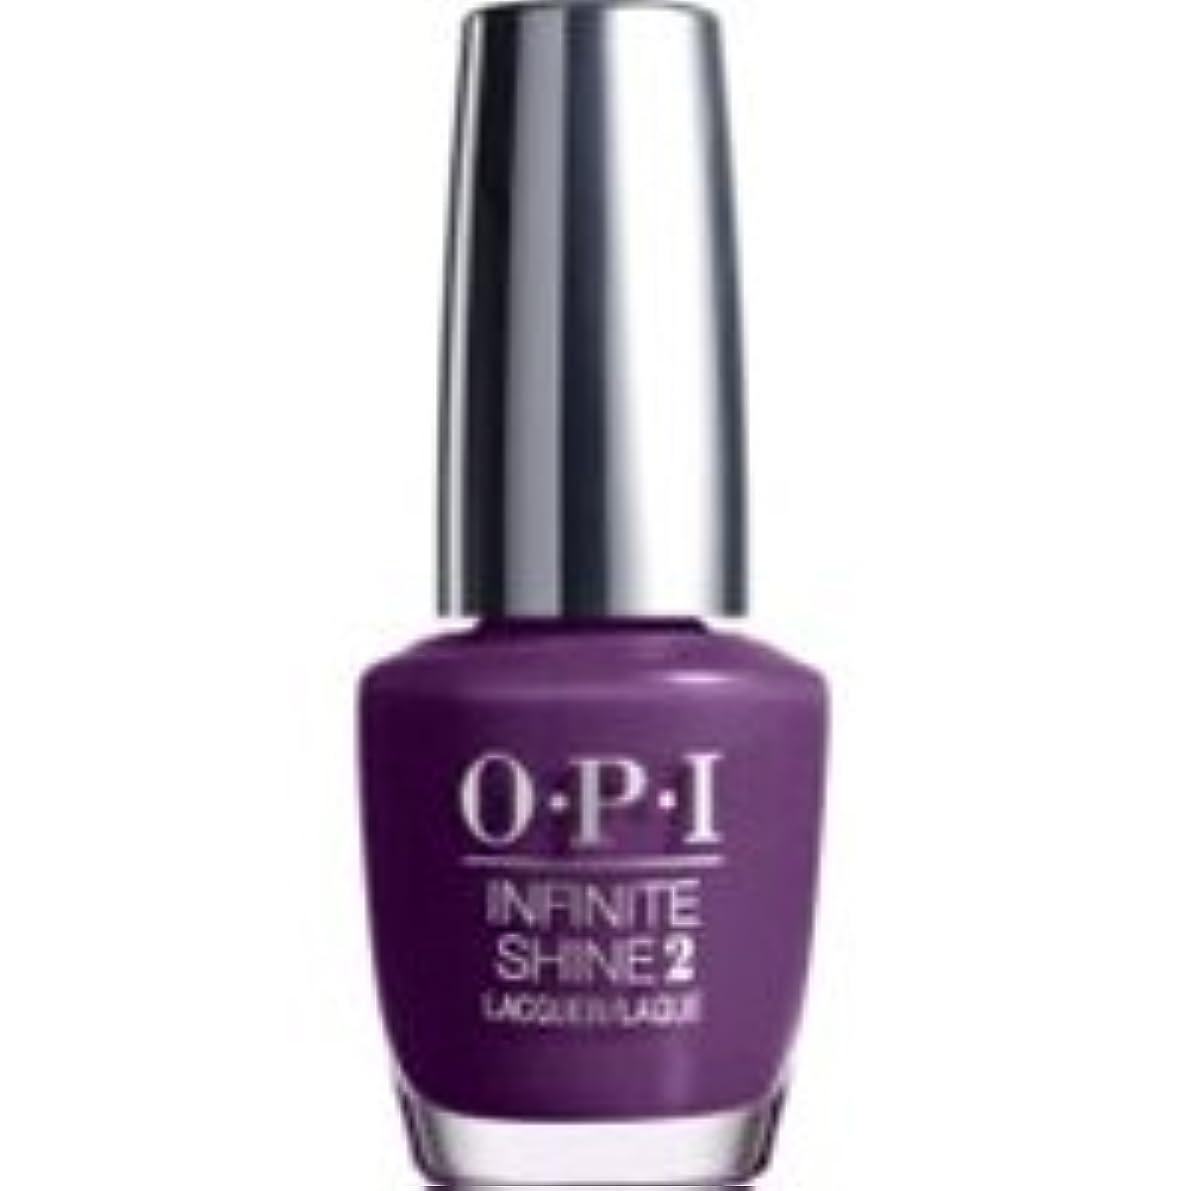 動く周囲治療O.P.I IS L52 Endless Purple Pursuit(エンドレスパープルパースート) #Endless Purple Pursuit